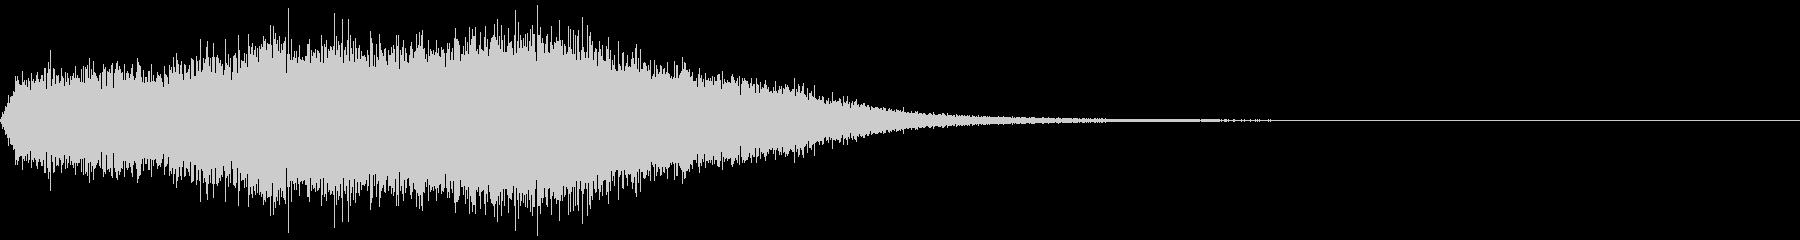 【サウンドスケイプ】ザーッ・・・・の未再生の波形